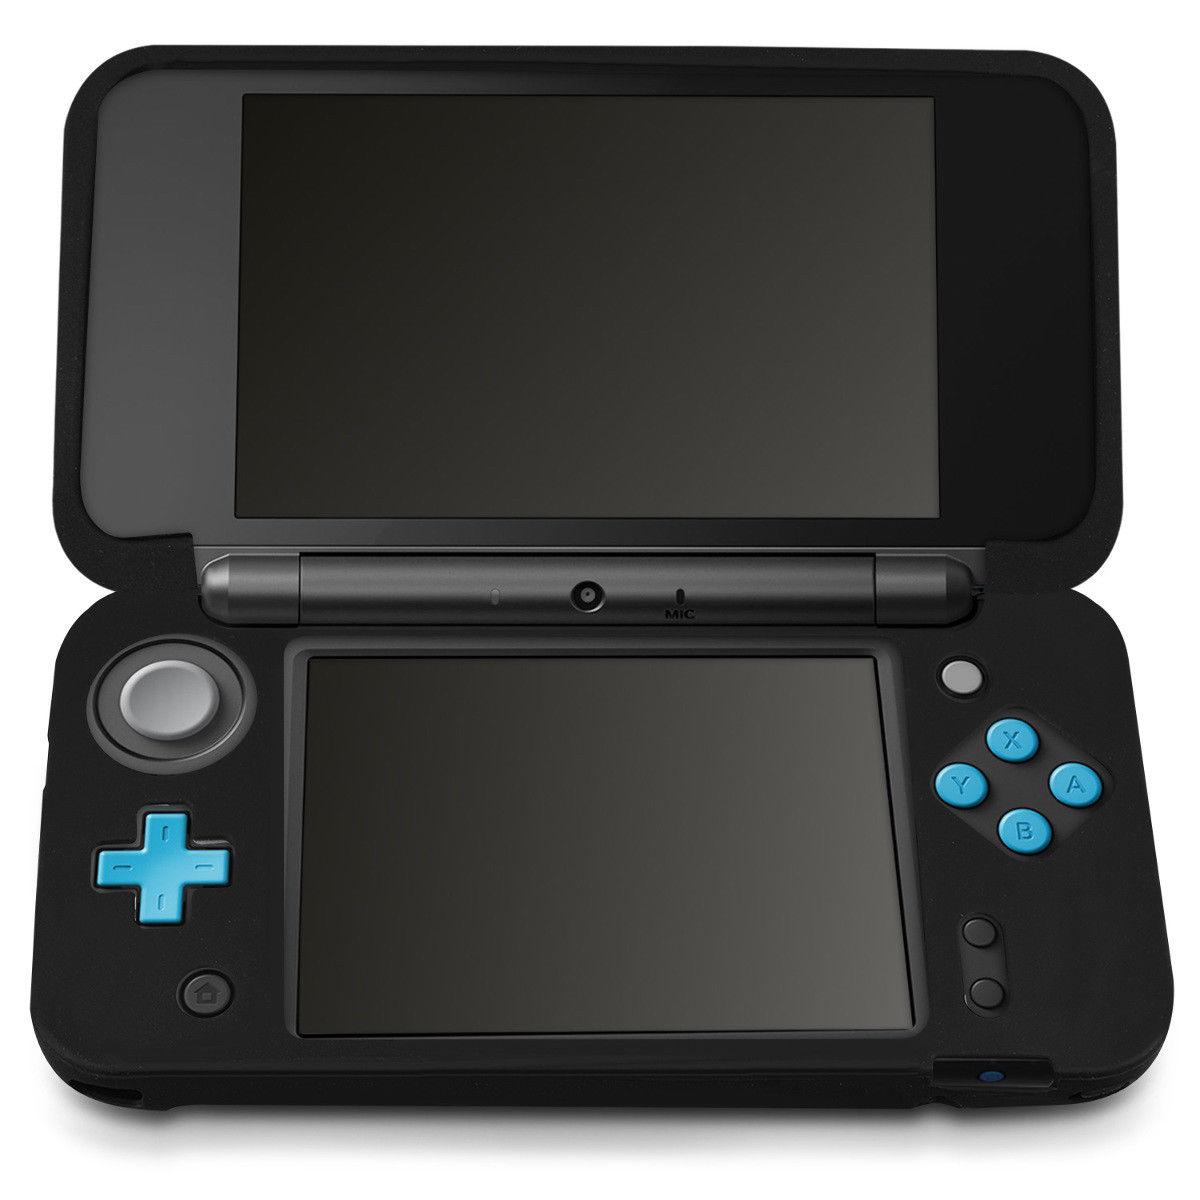 Pouzdro GEL pro New Nintendo 2DS XL černé